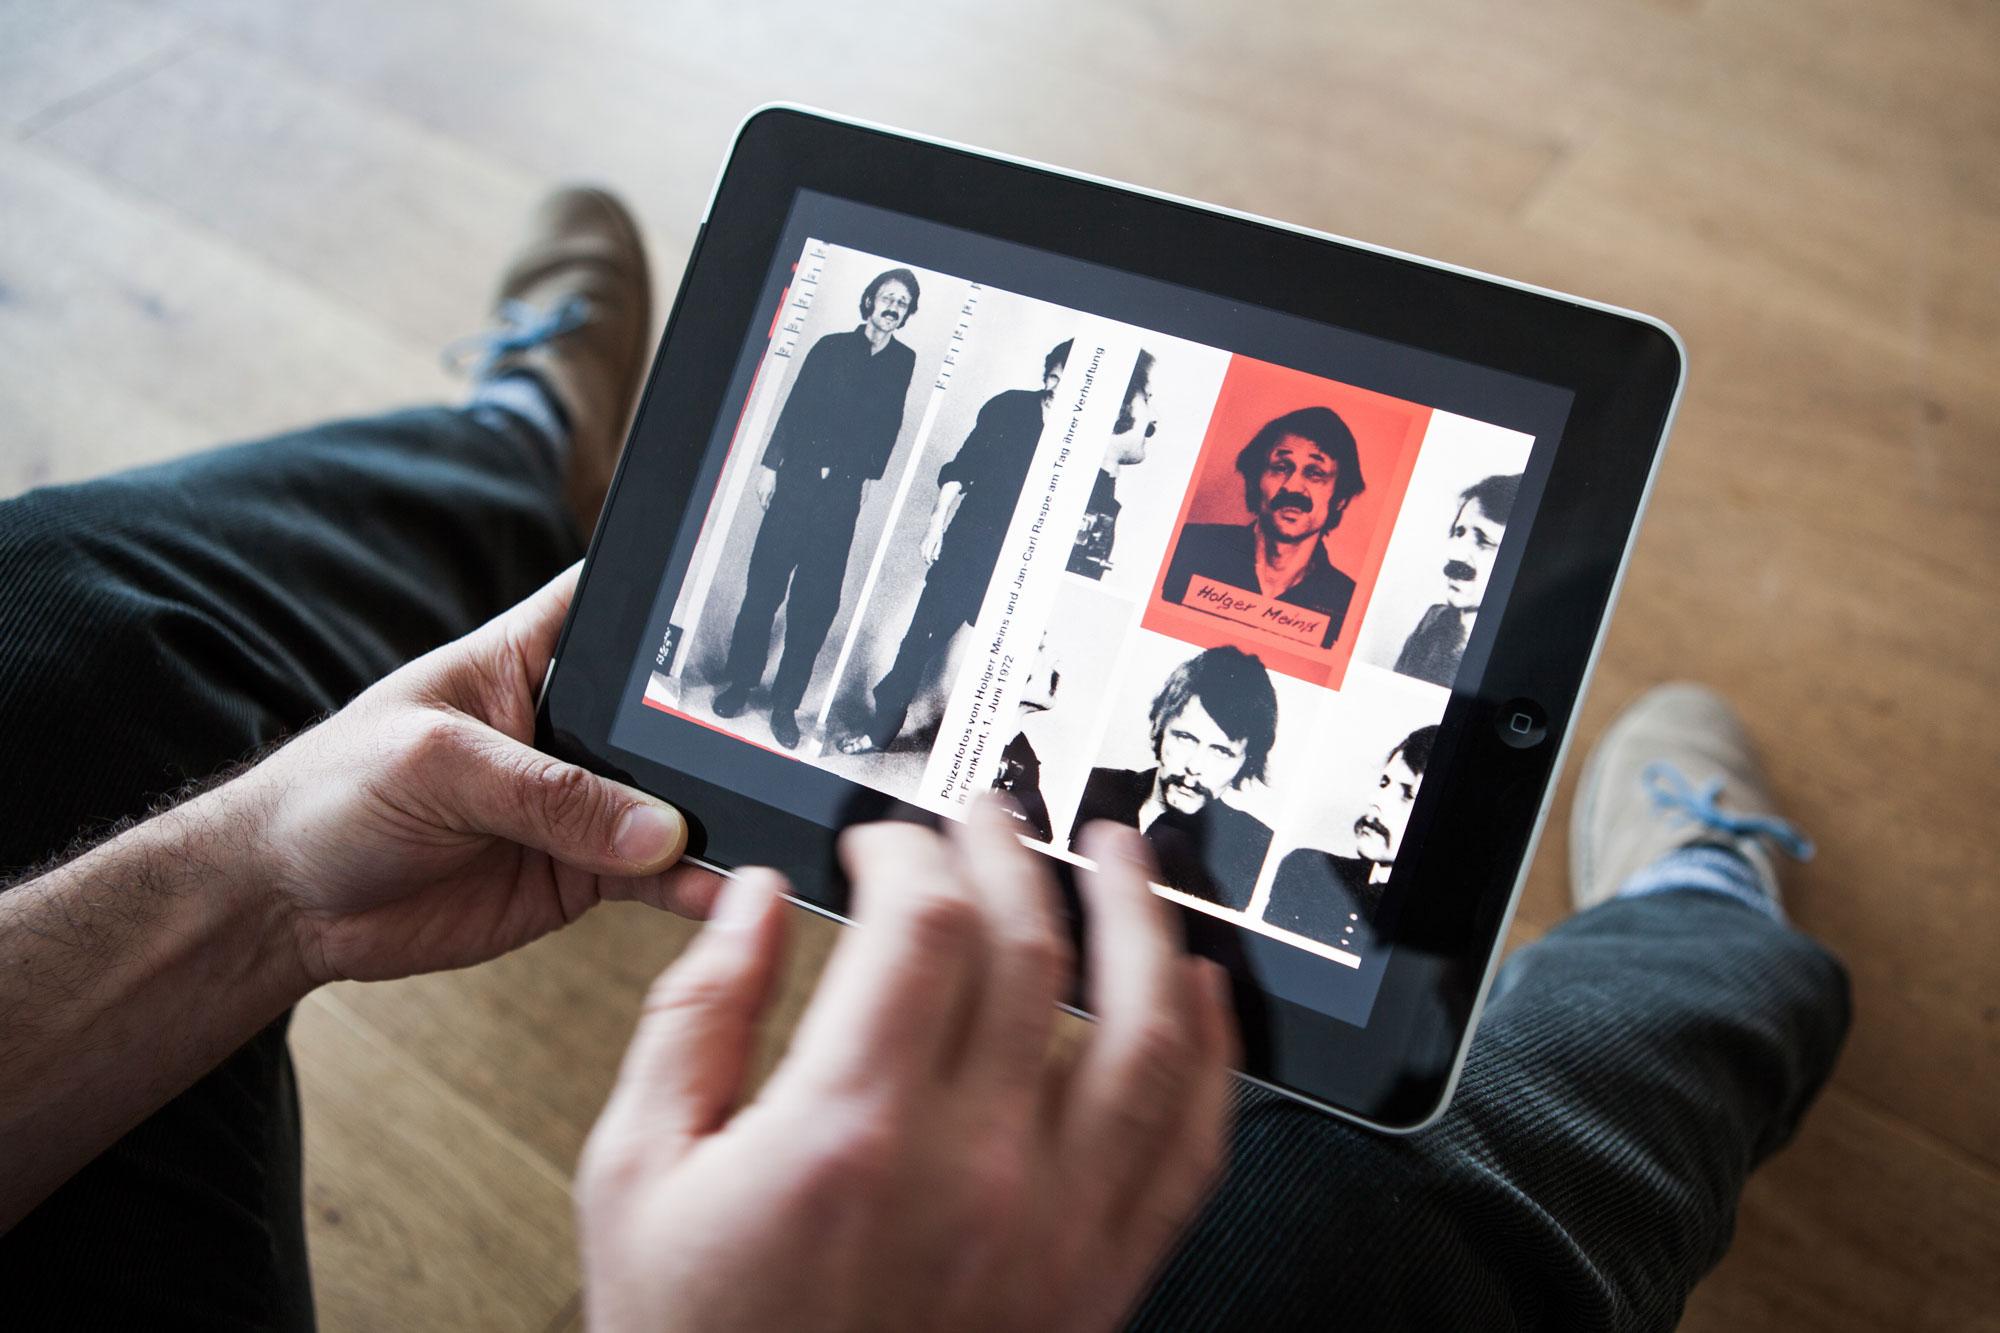 »Hans und Grete. Die Geschichte der RAF« erschien 1998 als Fotobuch bei Steidl und ist heute vergriffen. Vorteil der App: Sie macht ein gesuchtes und hoch gehandeltes Buch weiterhin verfügbar.